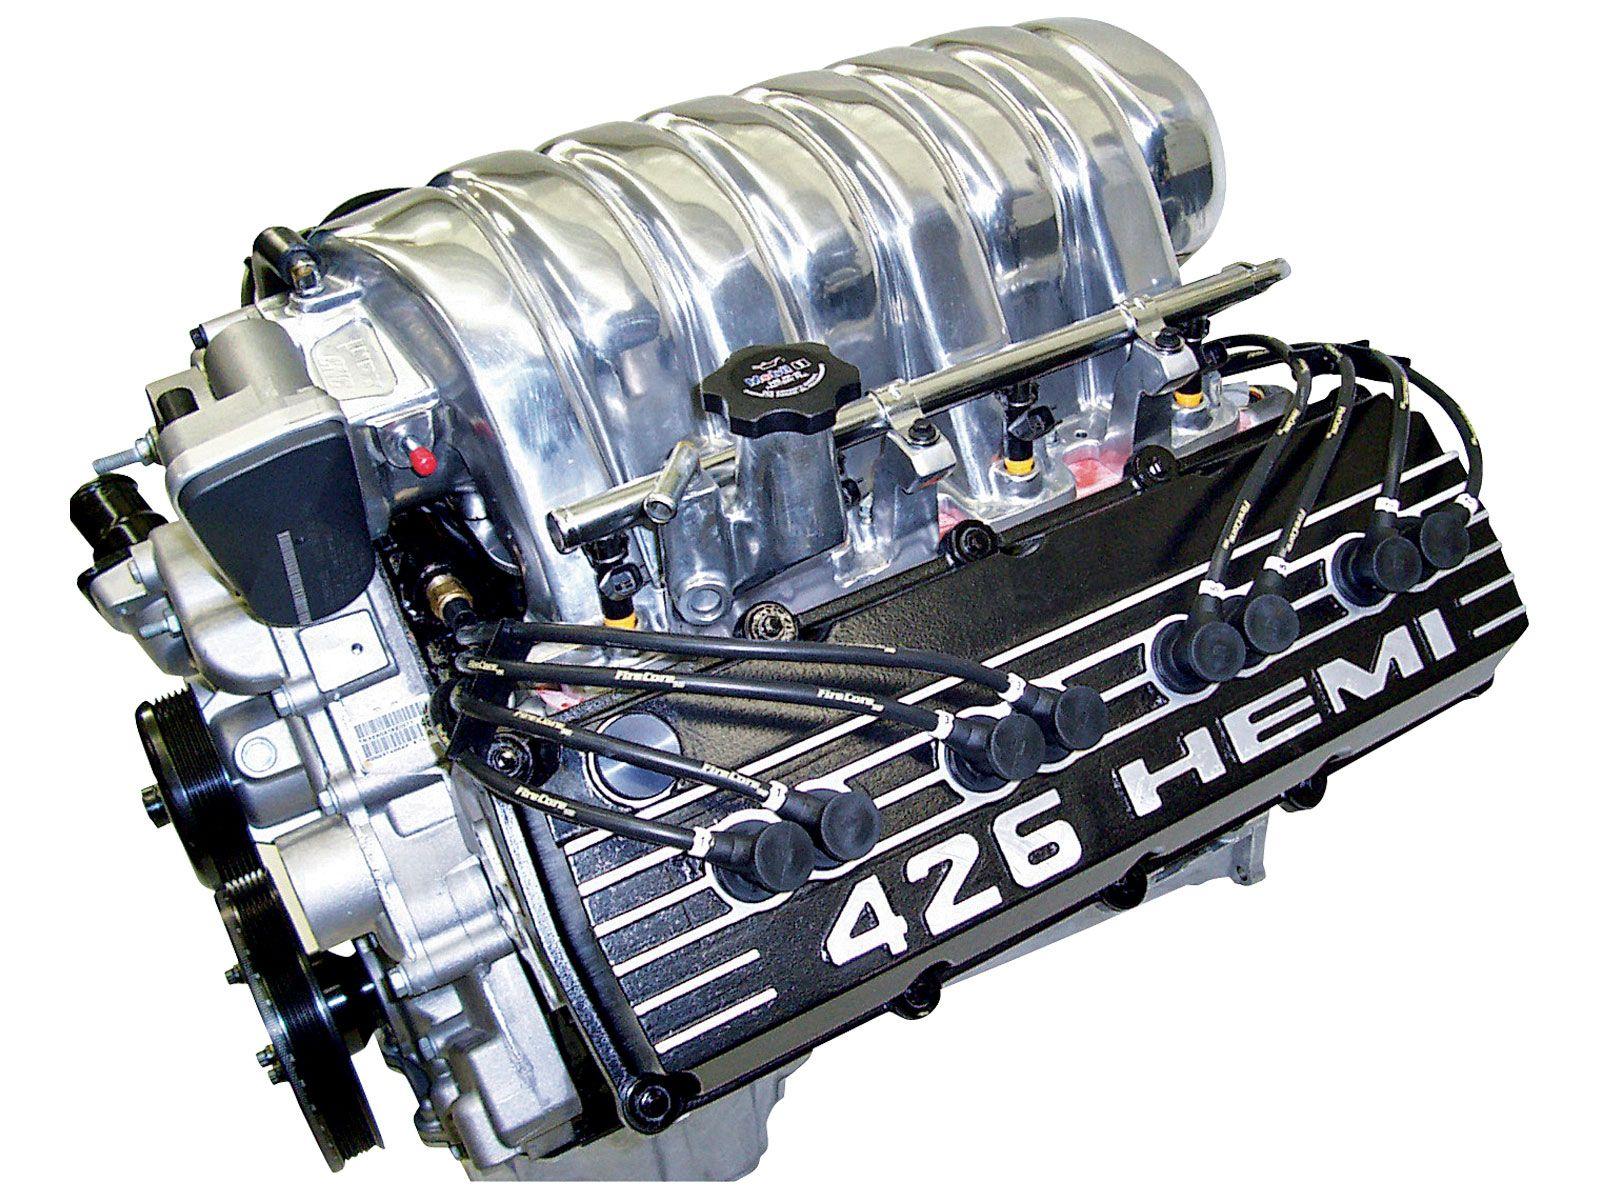 Modern 426 hemi